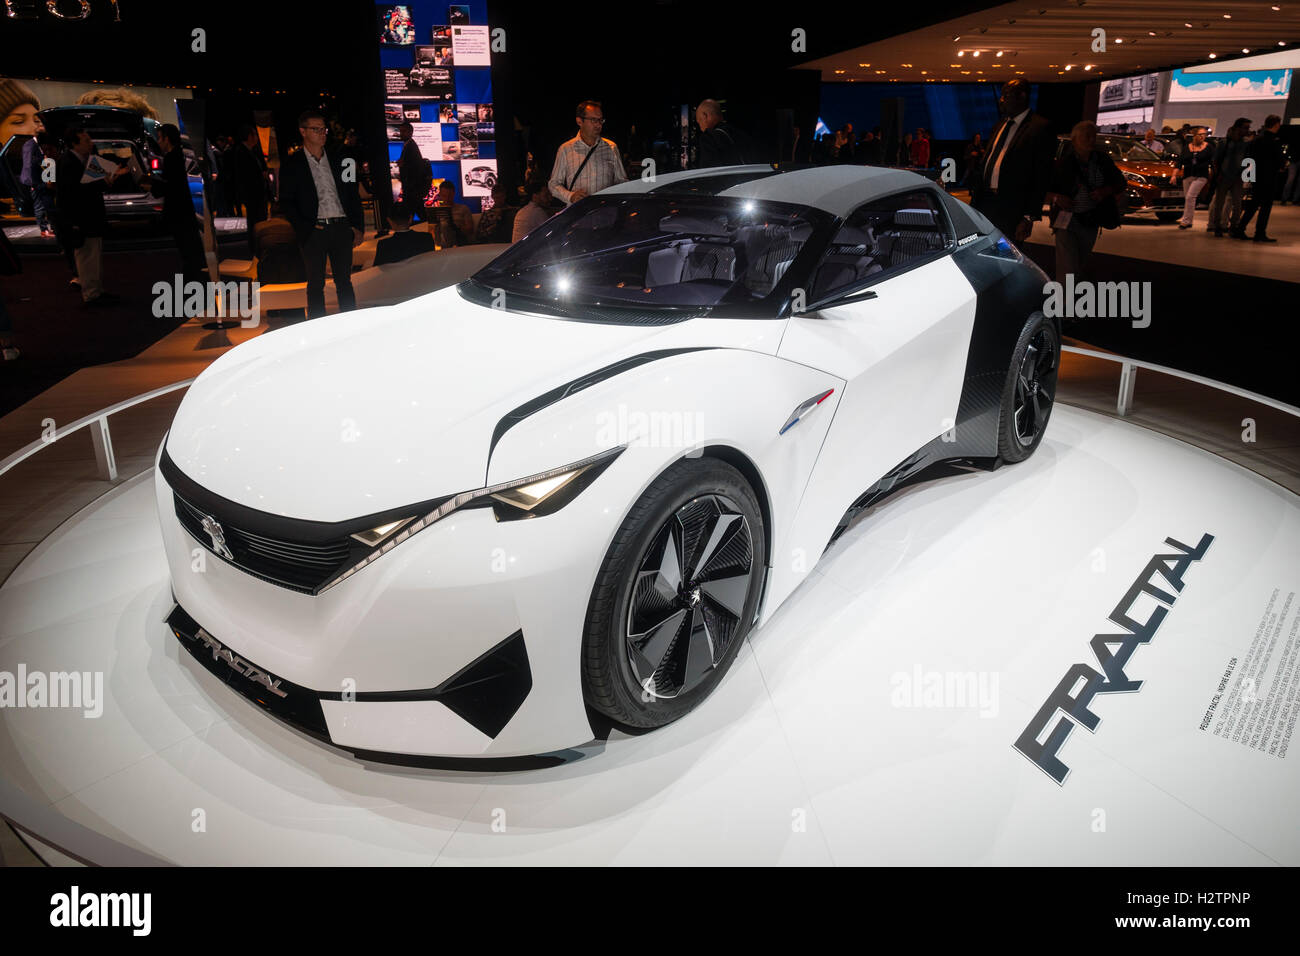 Peugeot Fractal concept car elettrica al Motor Show di Parigi 2016 Immagini Stock